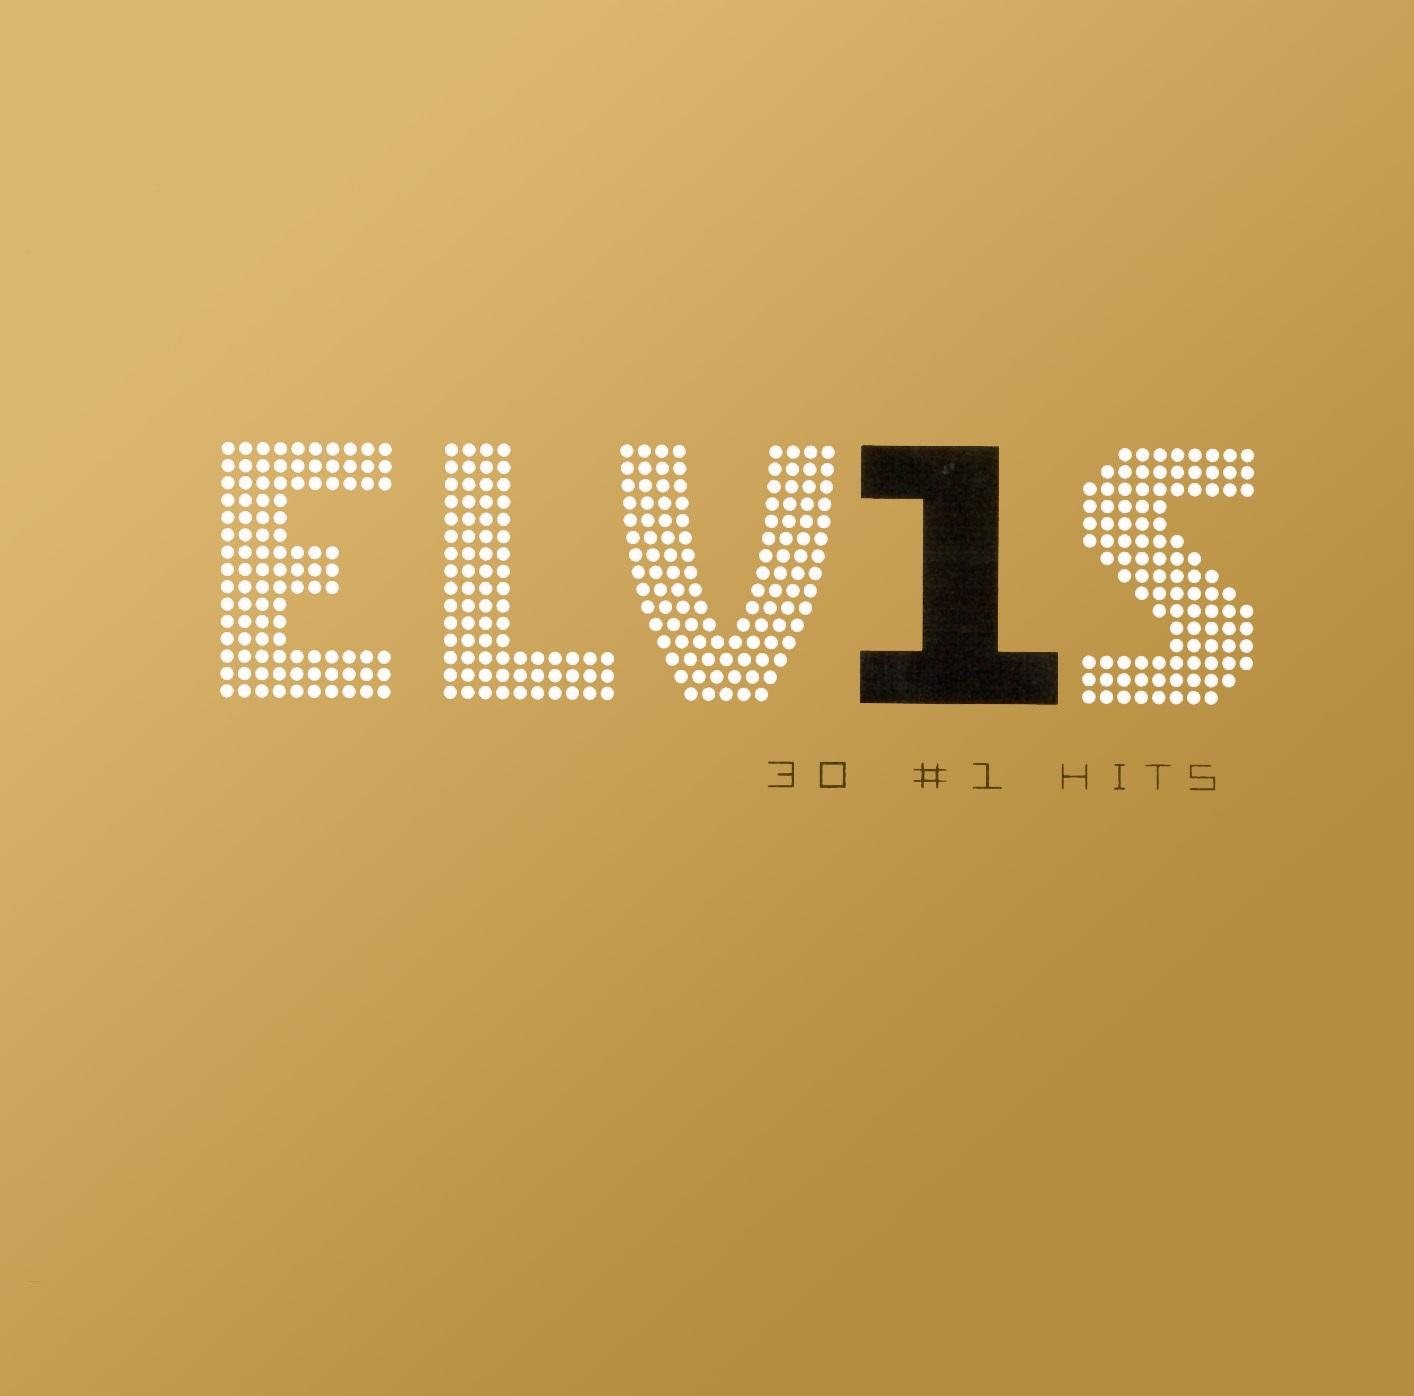 Elvis Presley. 30 #1 HitsElvis Presley. 30 #1 Hits коллекция лучших синглов. Сборник вышел в рамках промоушн-кампании, призванной возобновить внимание ко всему, что сделал Элвис Пресли .<br>